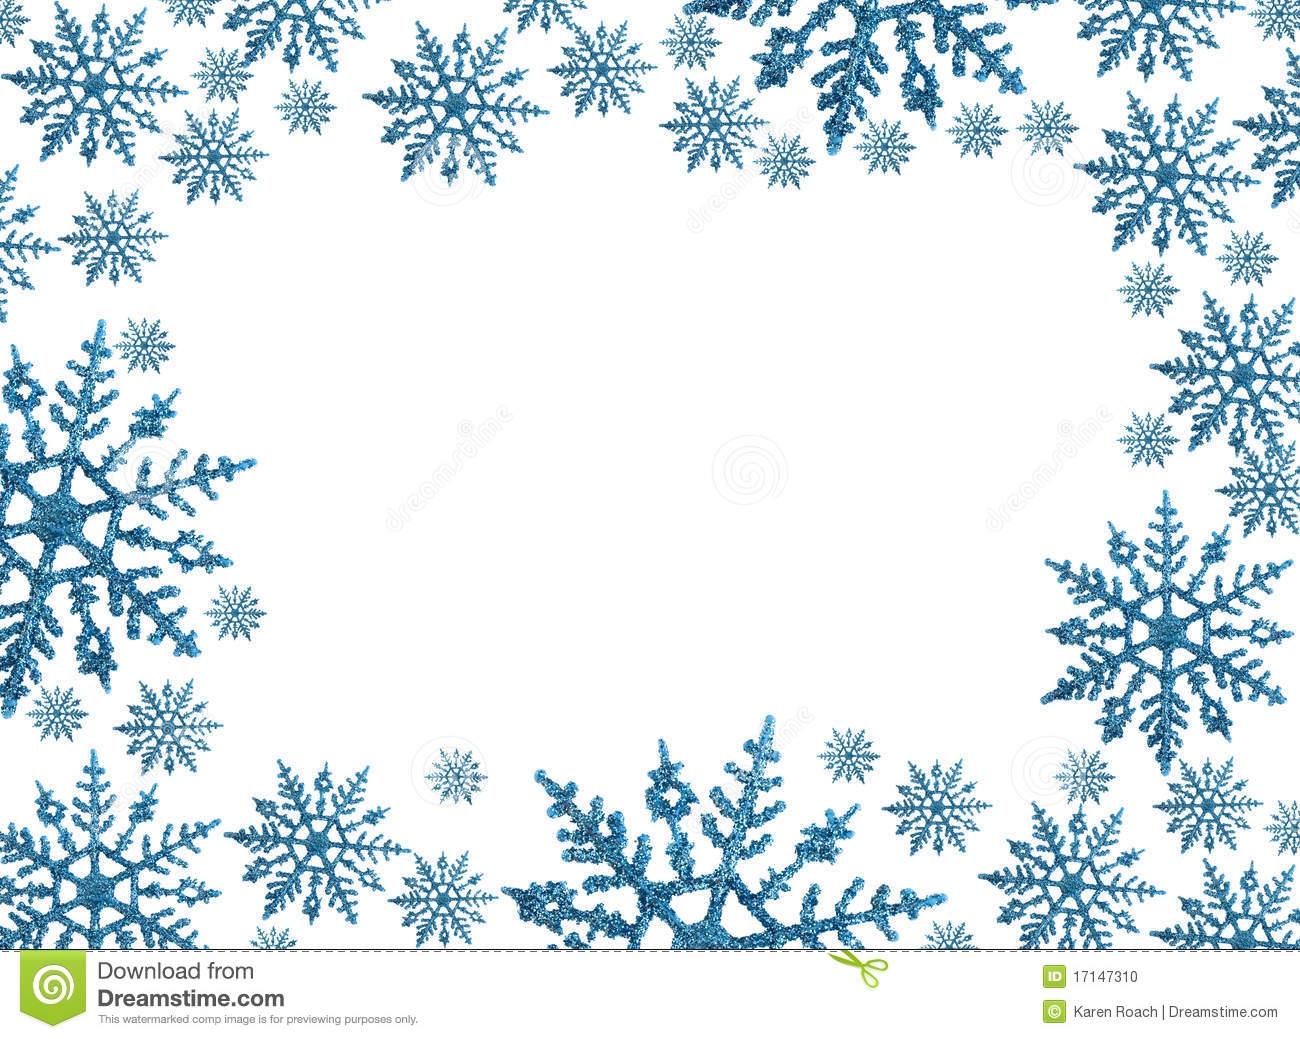 Snowy Border Clipart#2104623.